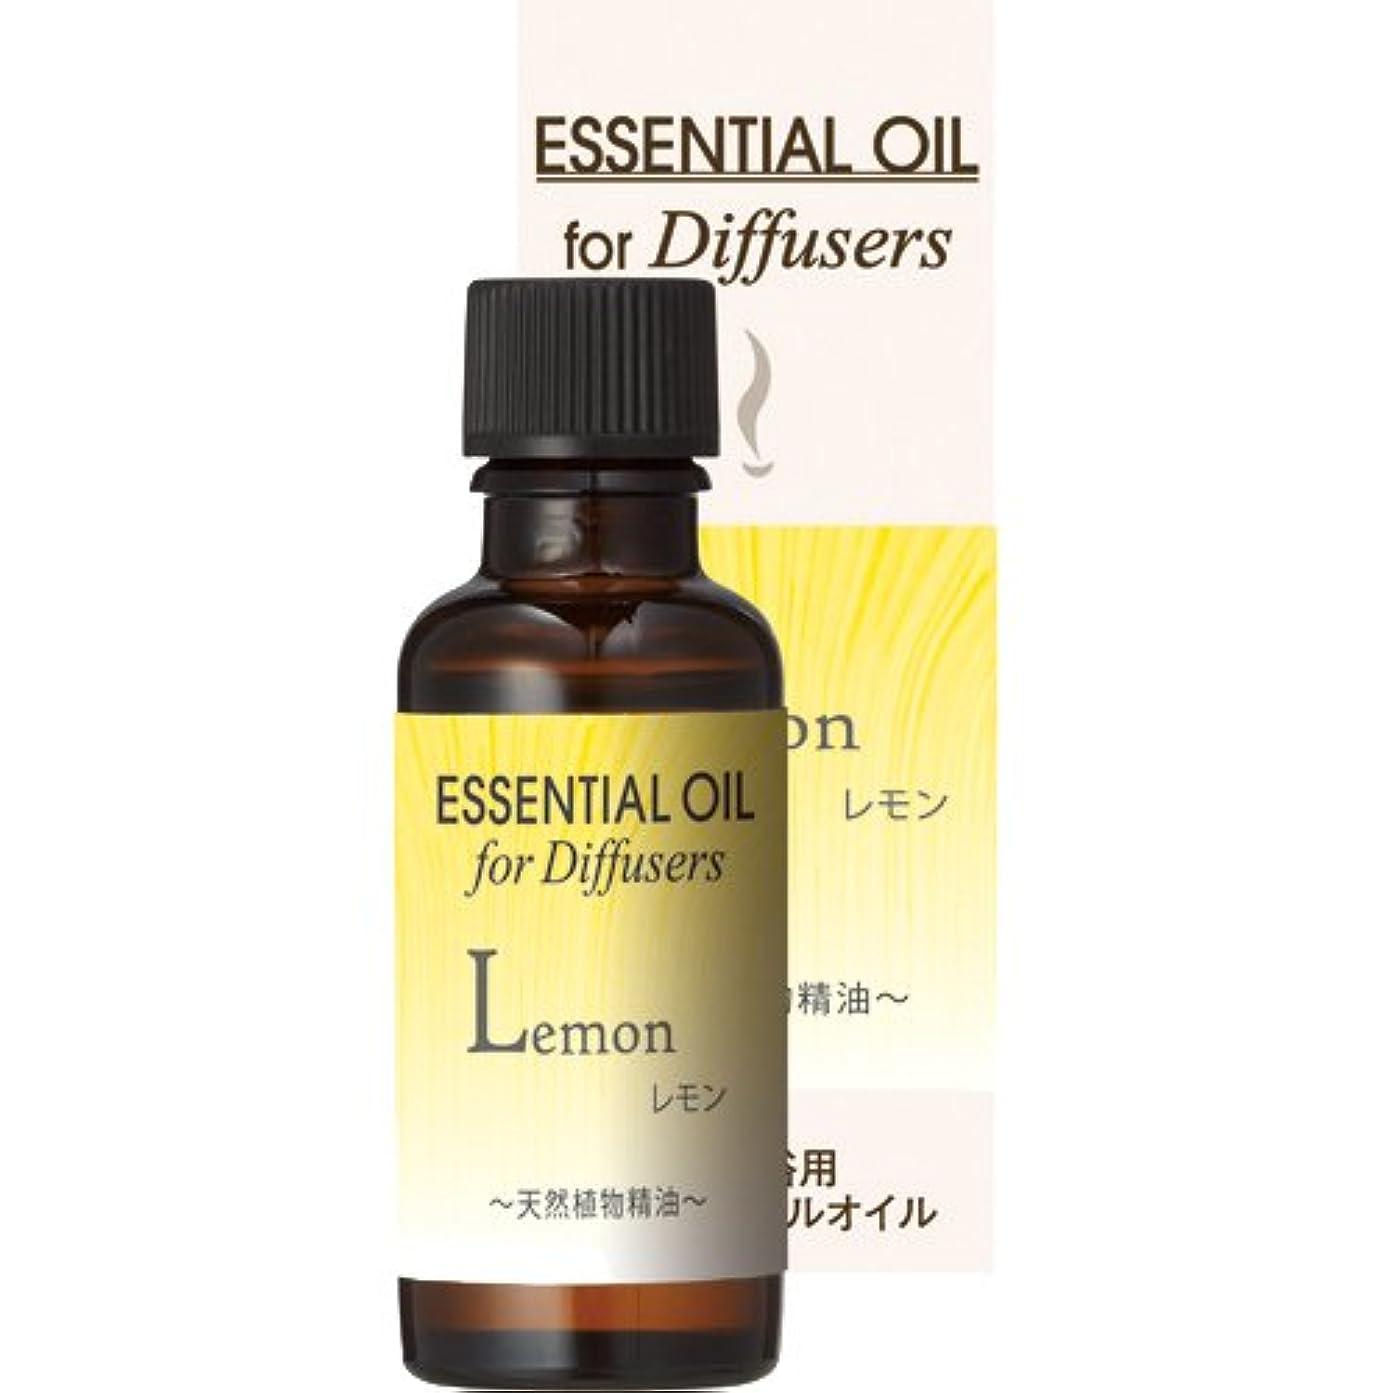 抵抗備品の間で芳香専用30ml単品精油 レモン